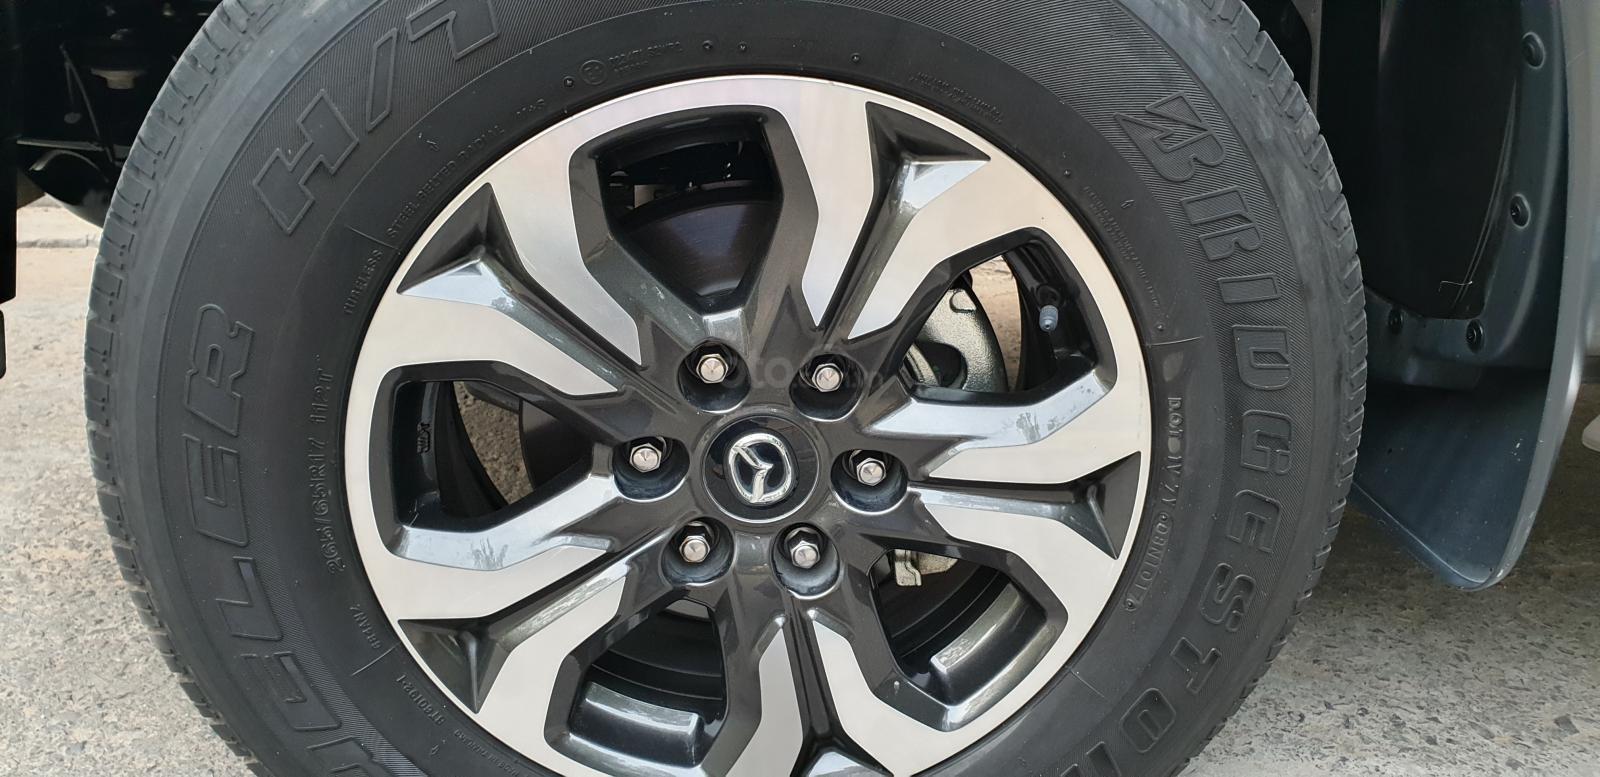 Bán Mazda BT 50 máy dầu, 2.2 số tự động, model 2018 đời T10/2017, màu nâu, nhập khẩu mới 95%-20